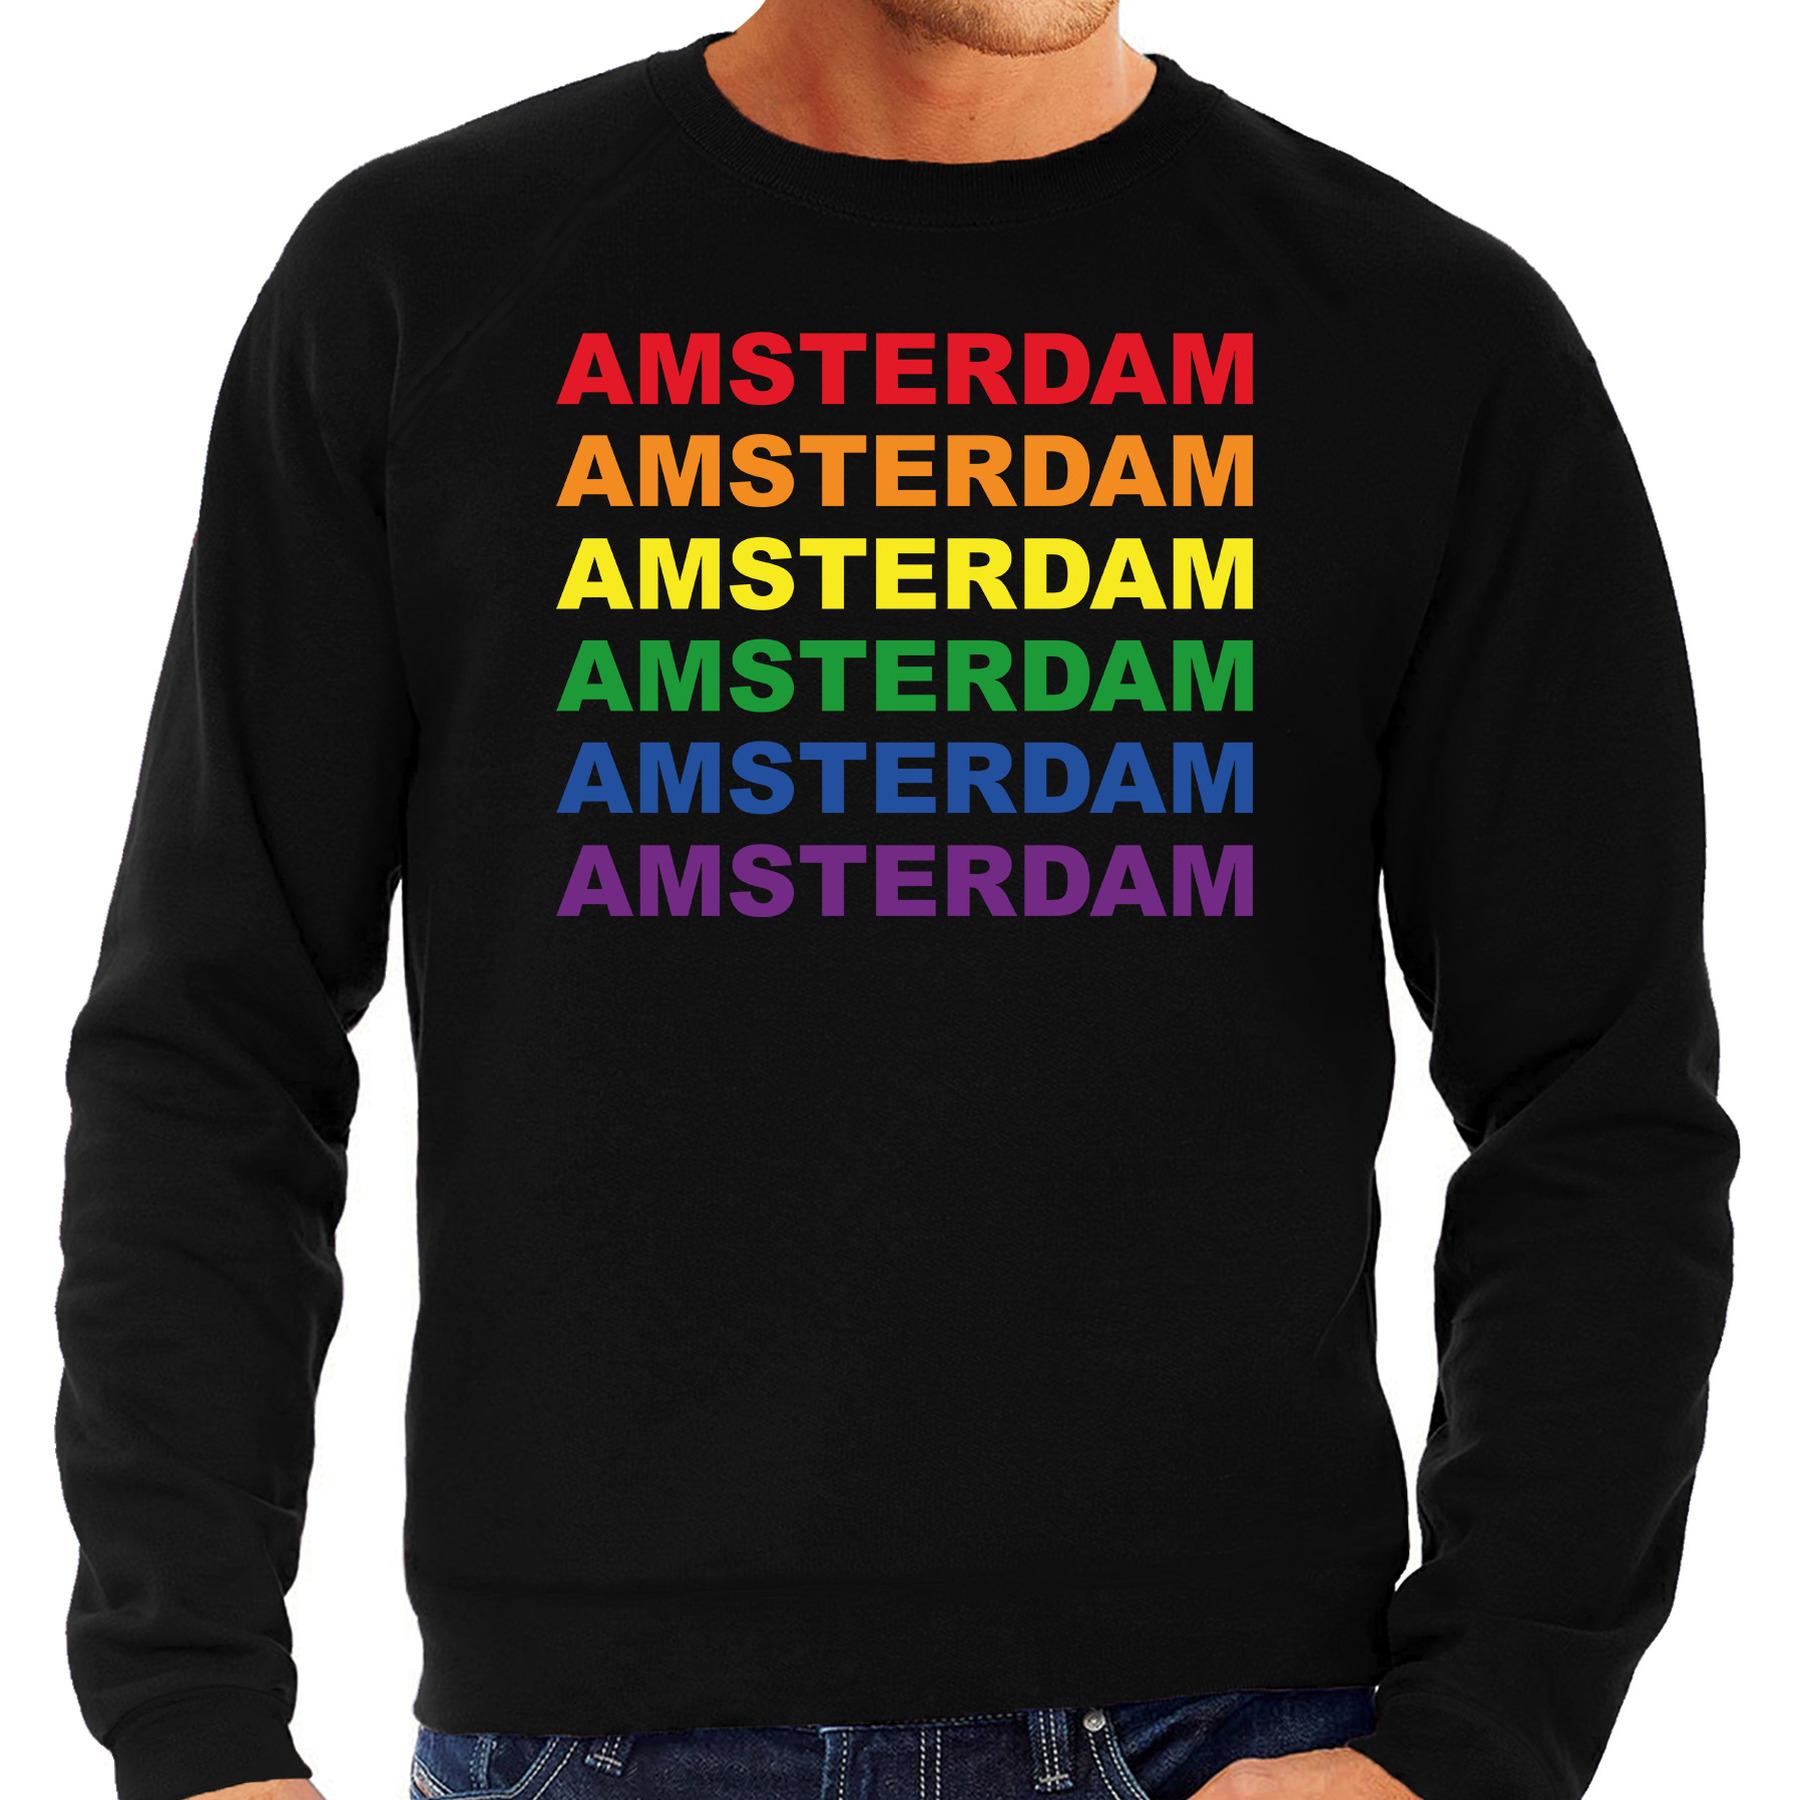 Regenboog amsterdam gay pride evenement sweater voor heren zwart